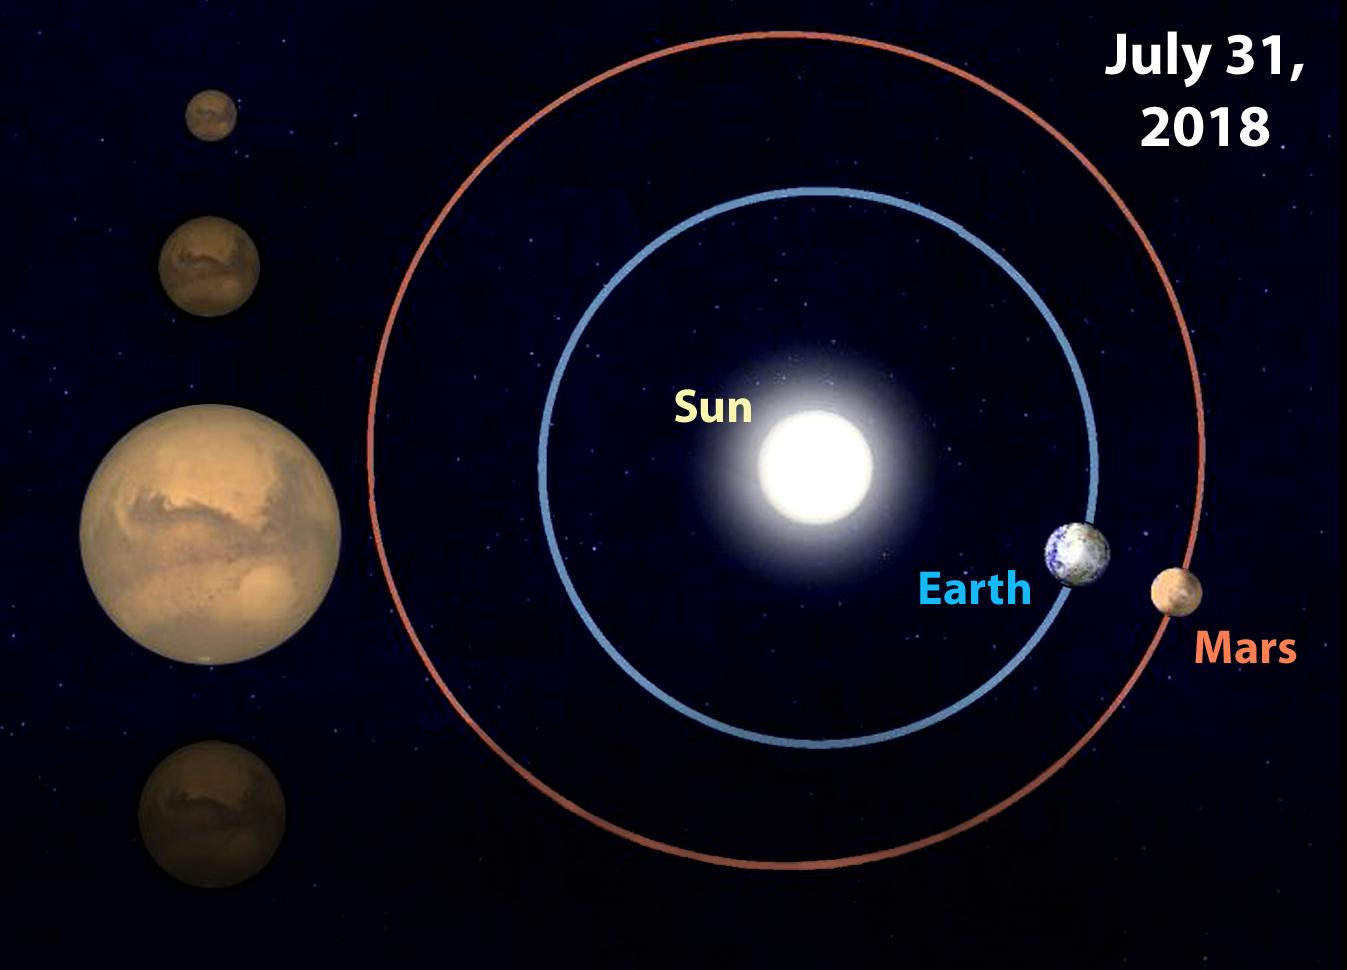 Mars-Earth in July 2018